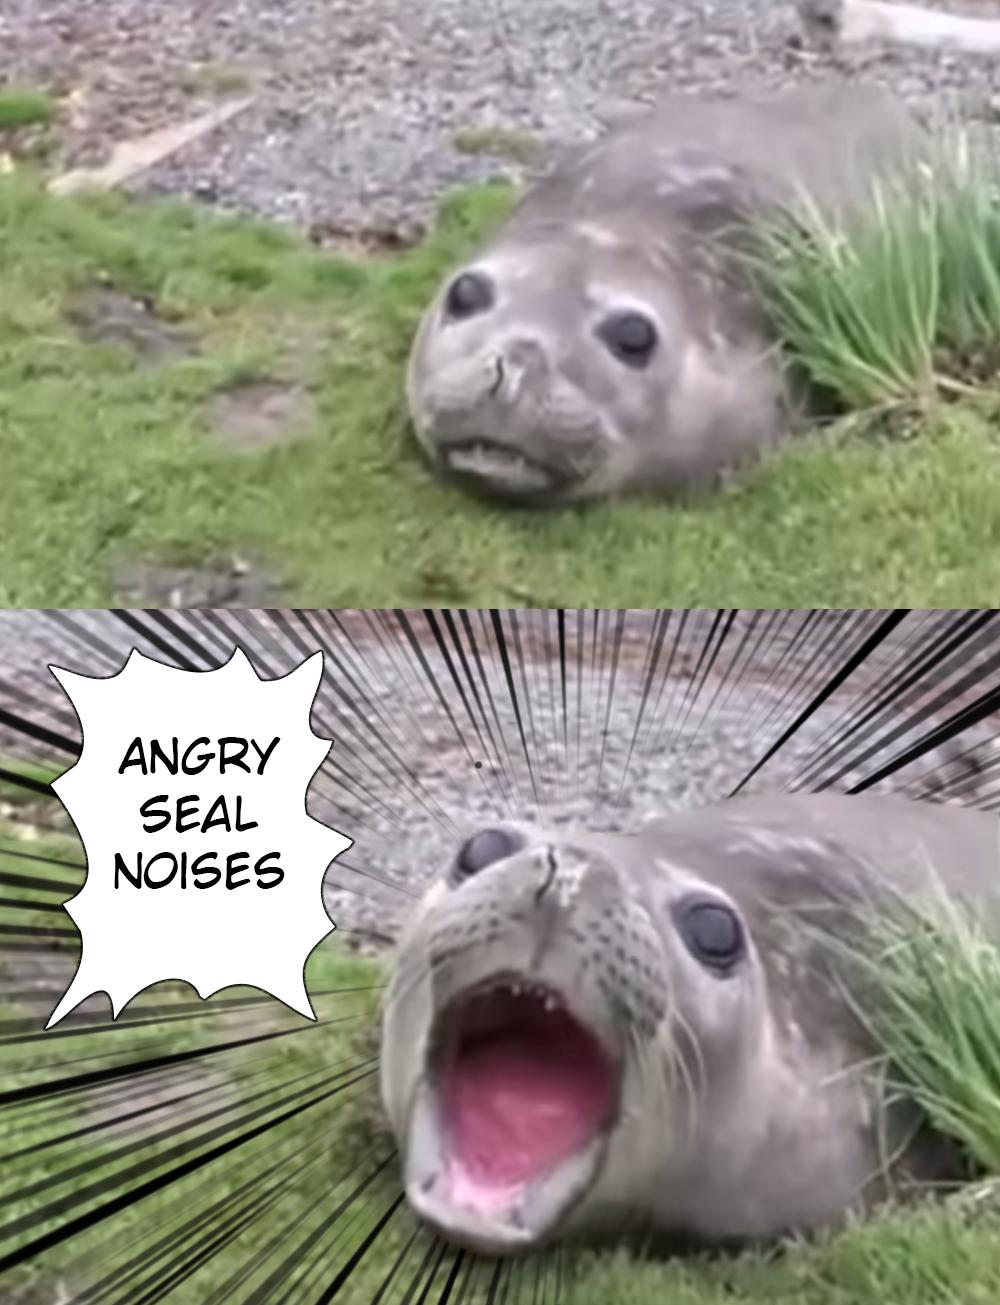 Meme Animal Noises - Madihah Buxton